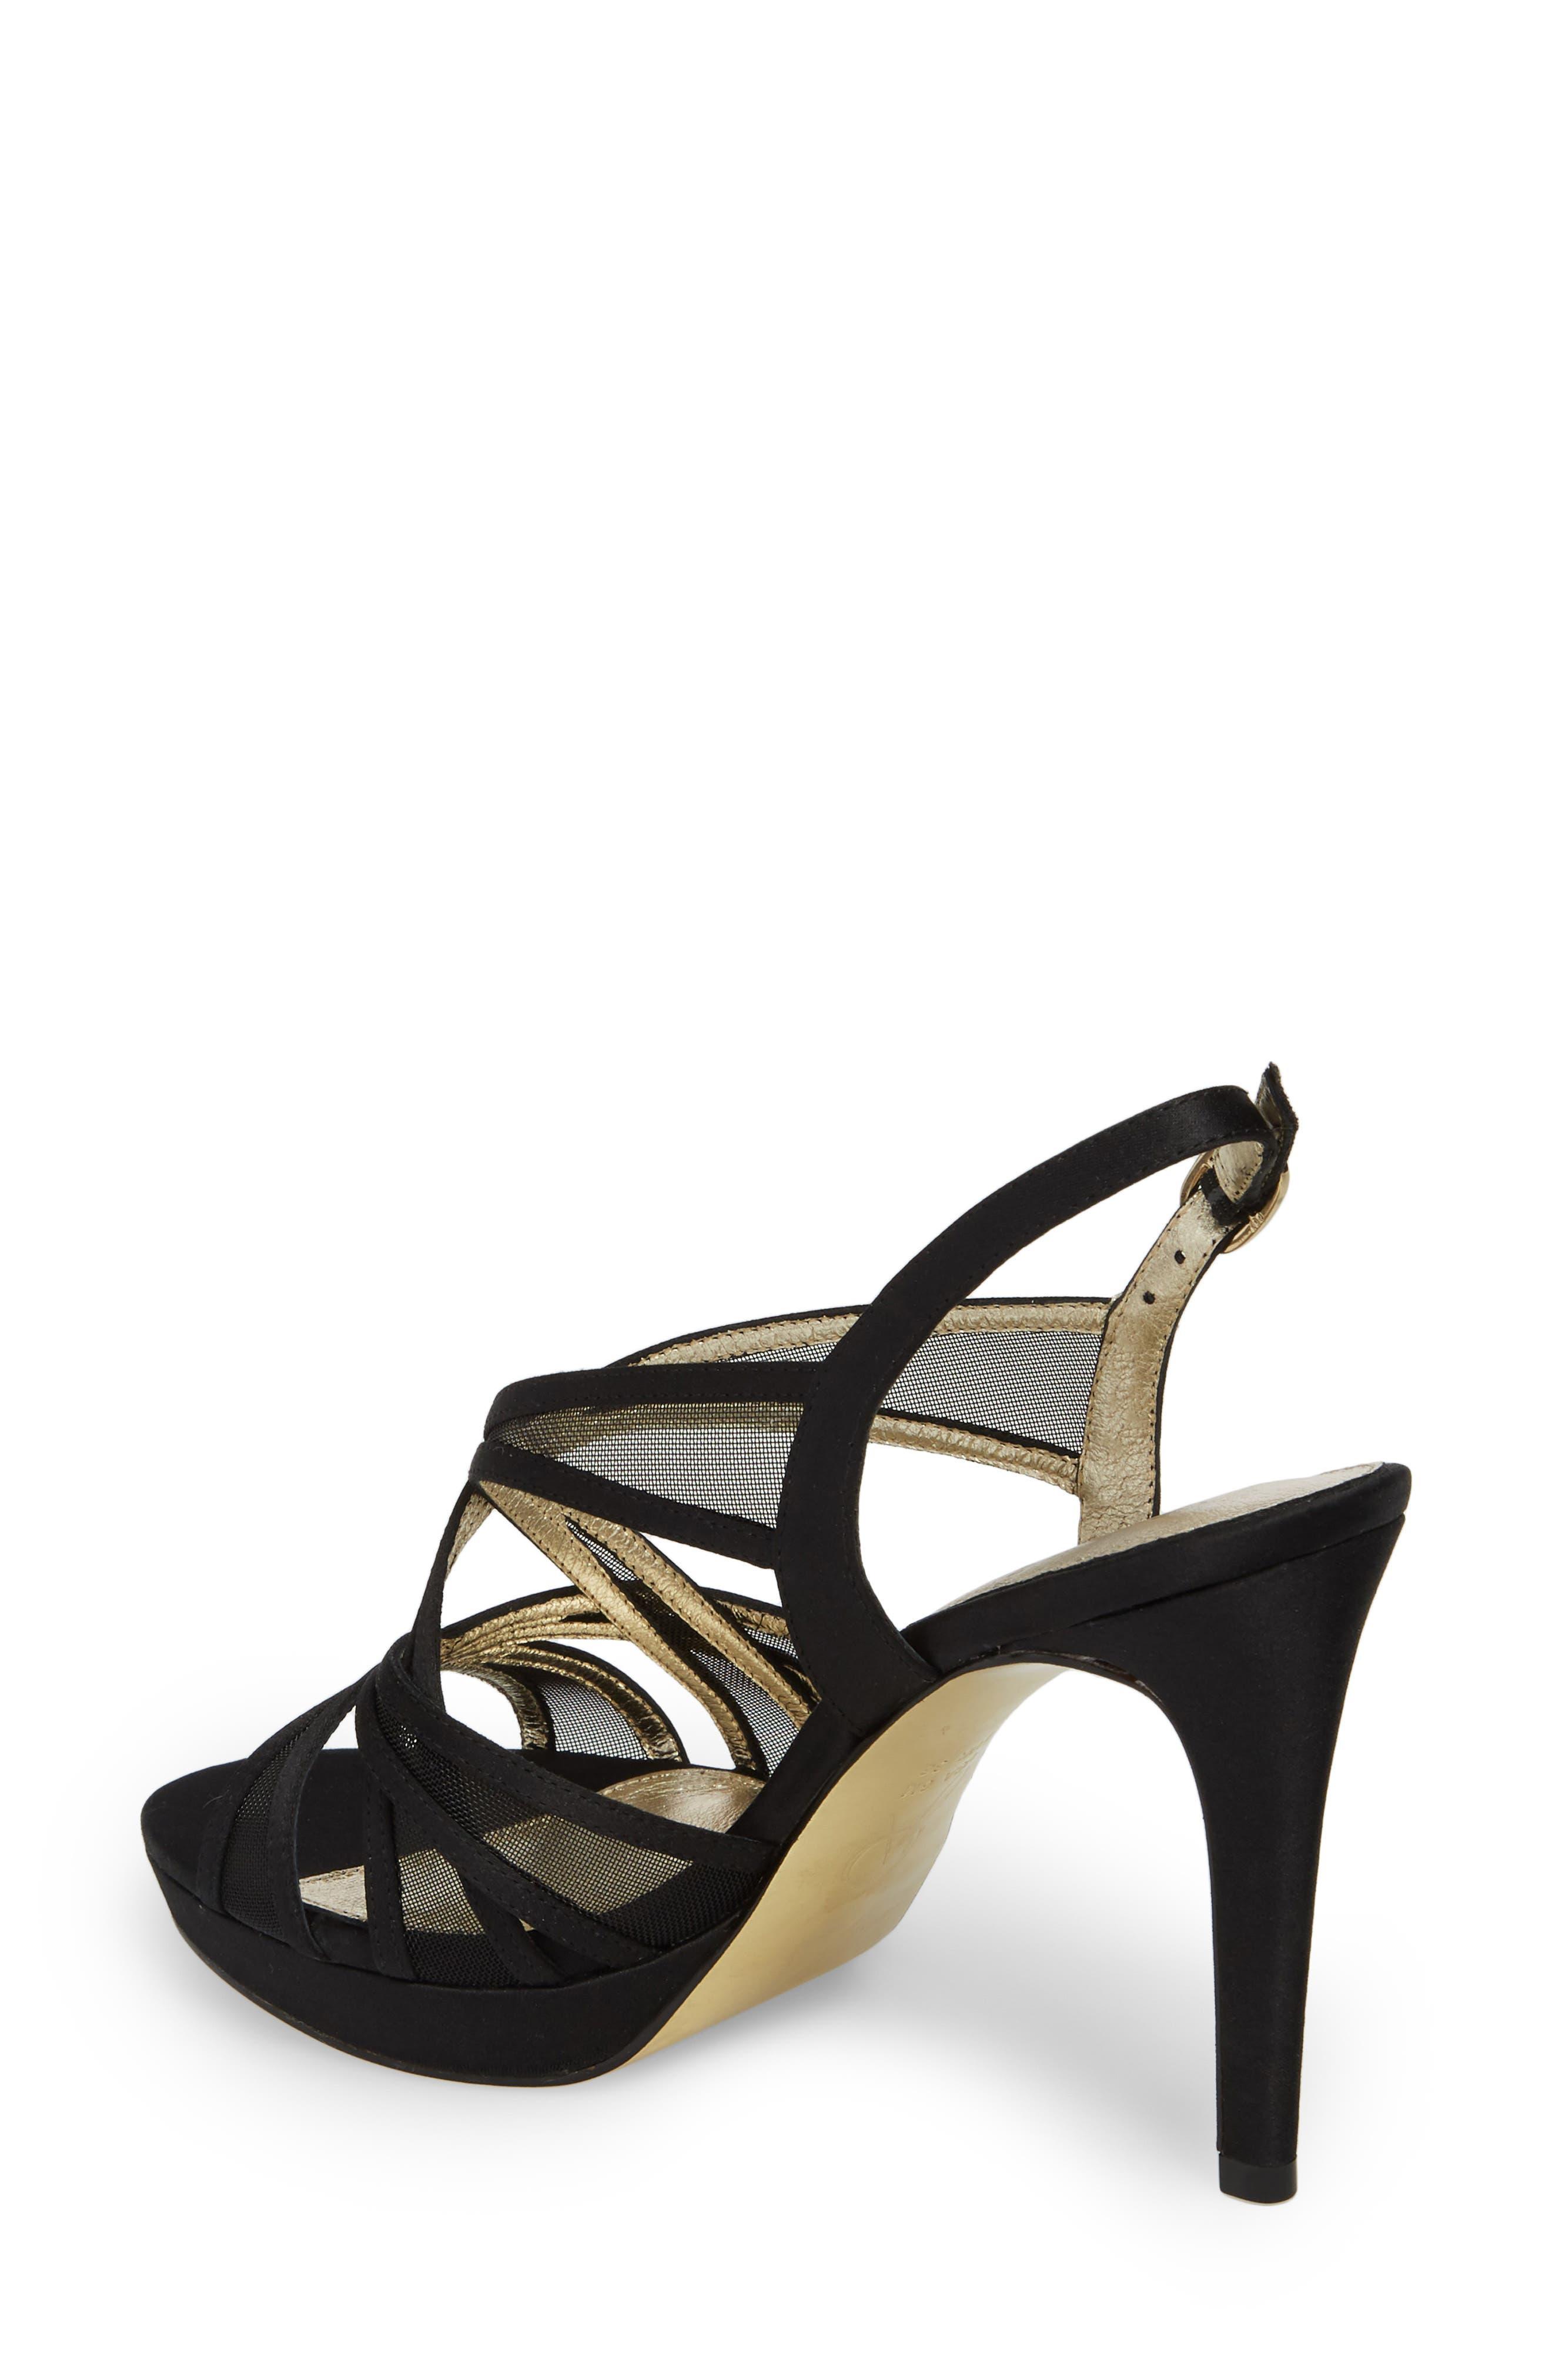 Adri Platform Sandal,                             Alternate thumbnail 2, color,                             BLACK SATIN